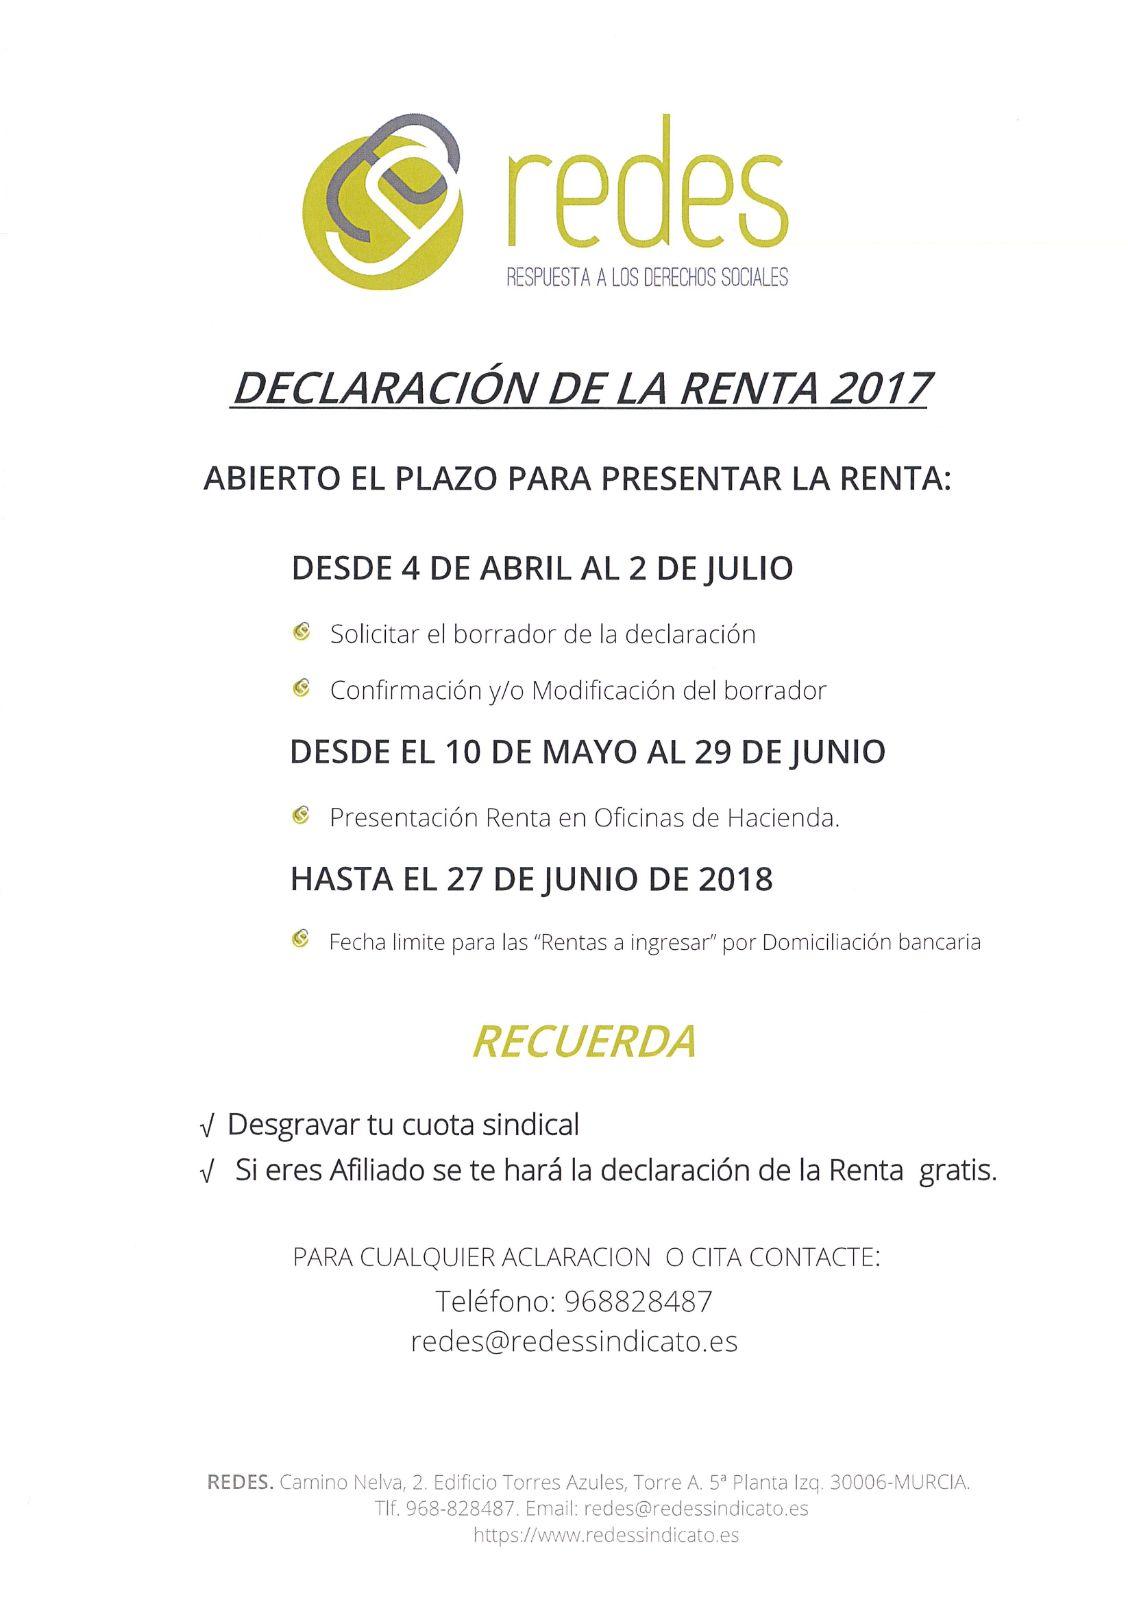 folleto de la oferta del sindicato REDES para la campaña 2018 de la renta